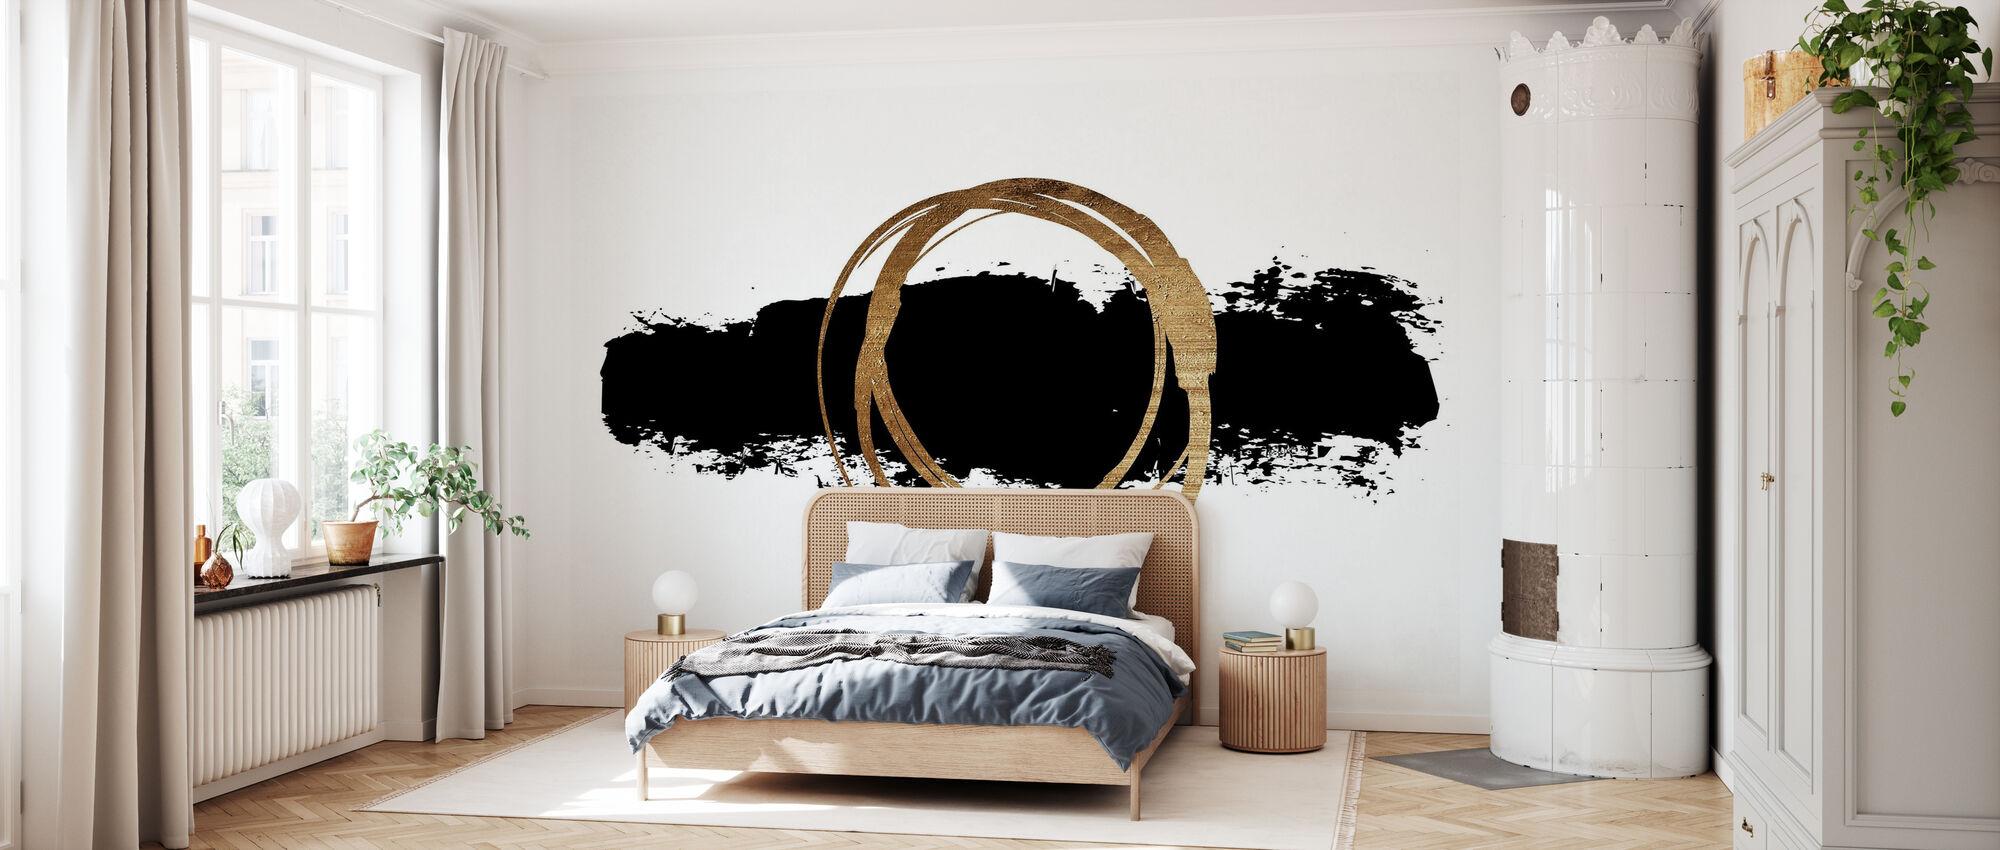 Cirkel En Lijn - Behang - Slaapkamer